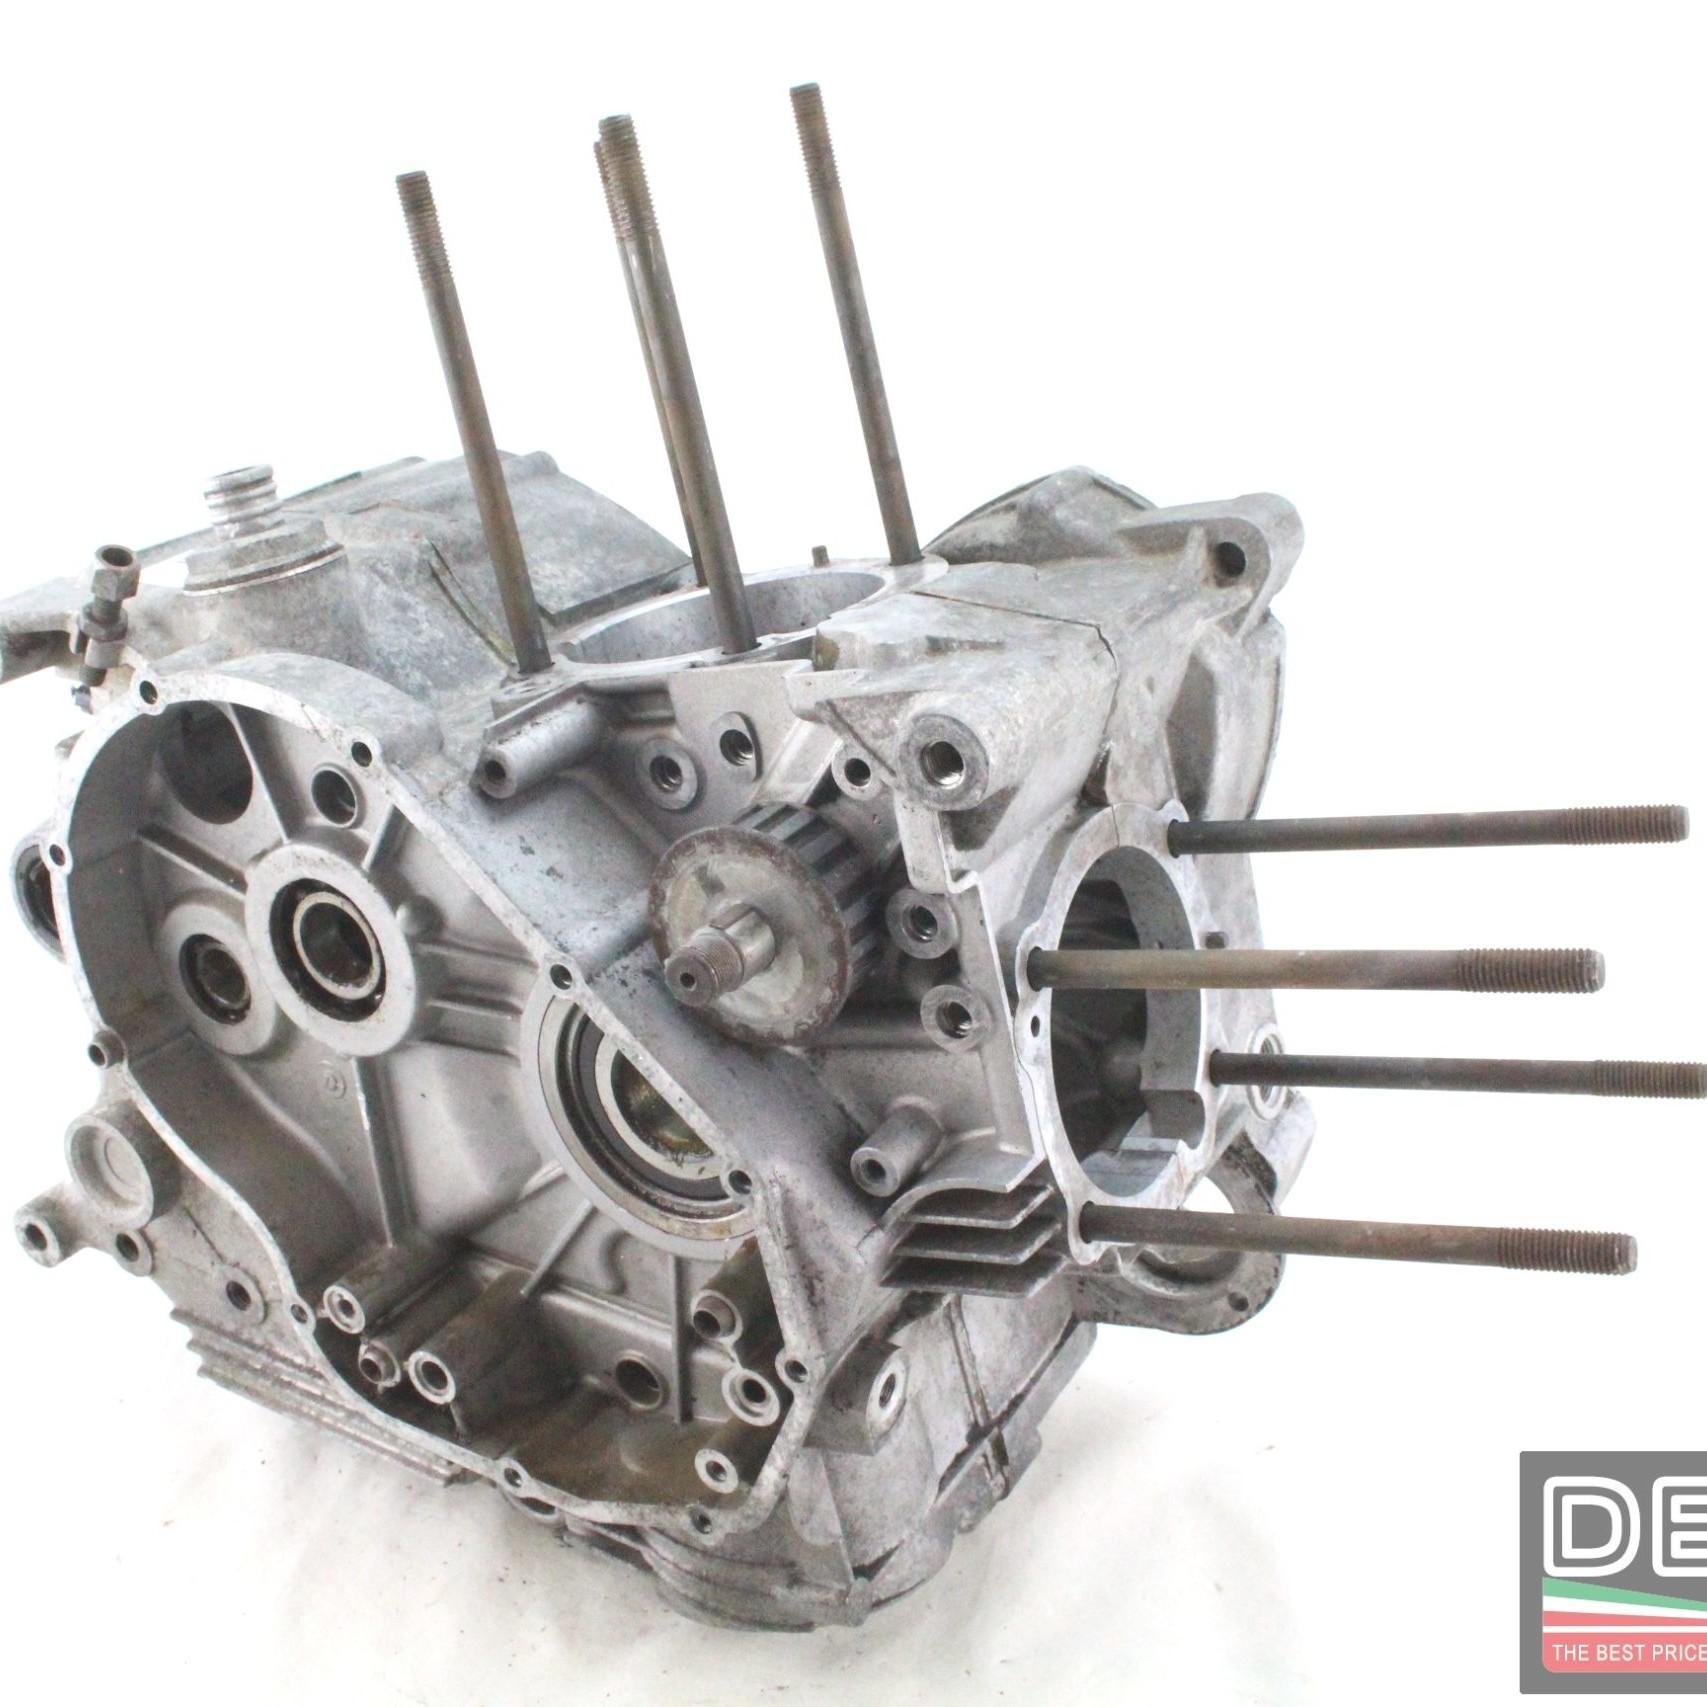 Casse carter motore Ducati Pantah 500